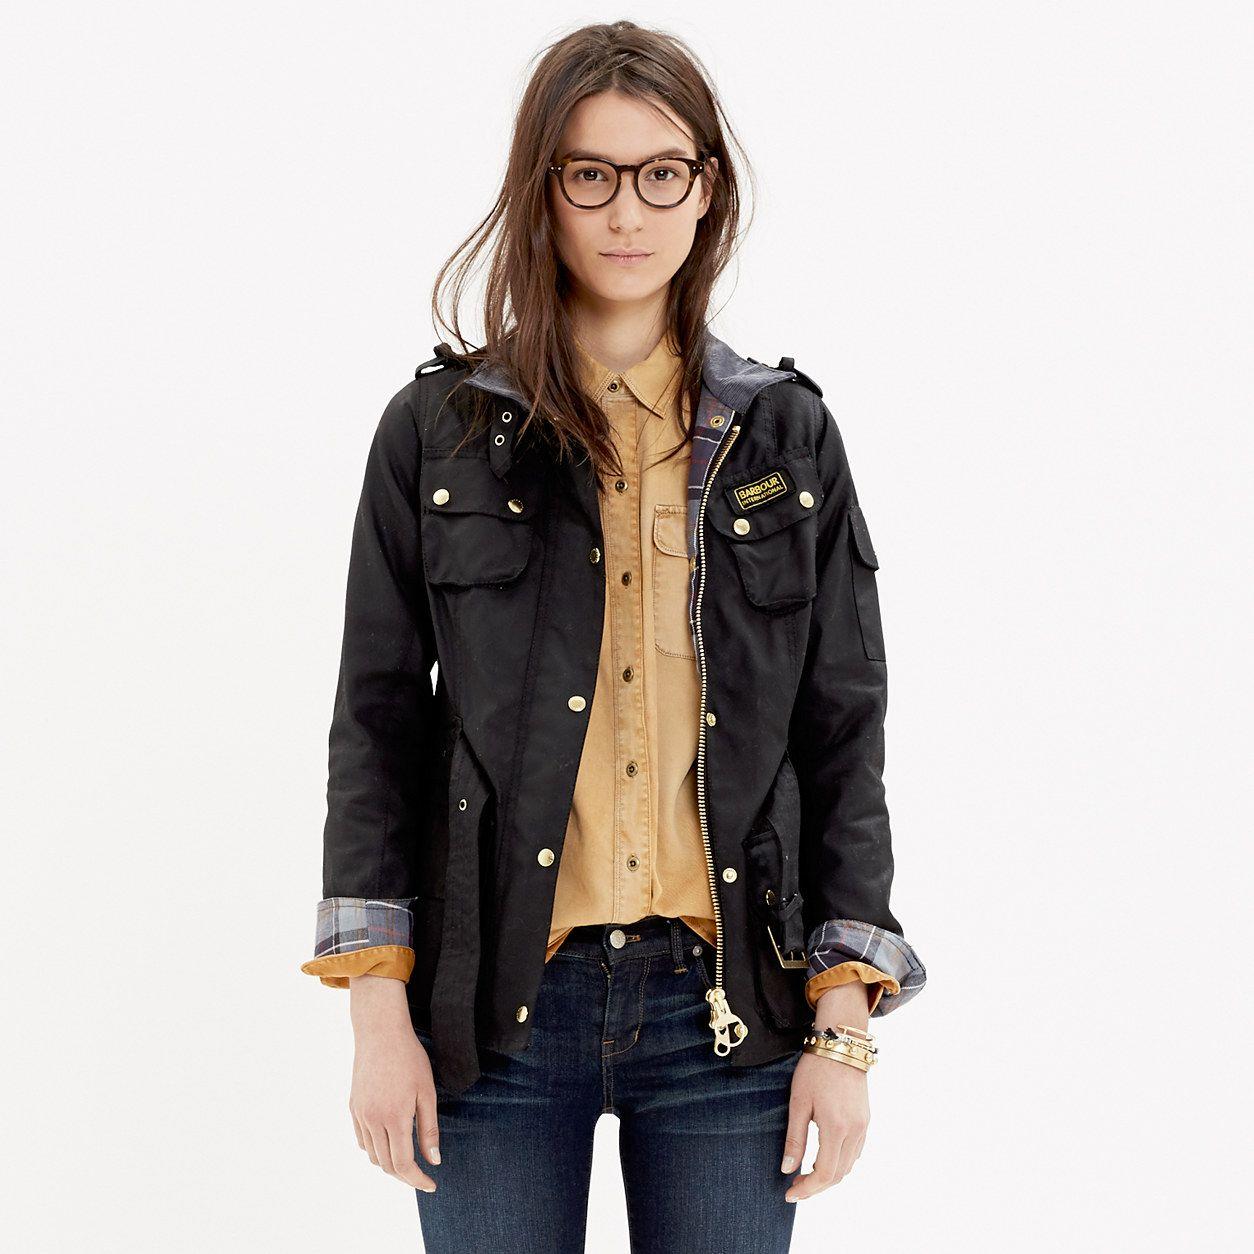 Barbour® International Jacket - jackets - Women s JACKETS   OUTERWEAR -  Madewell 858a8b7a0436